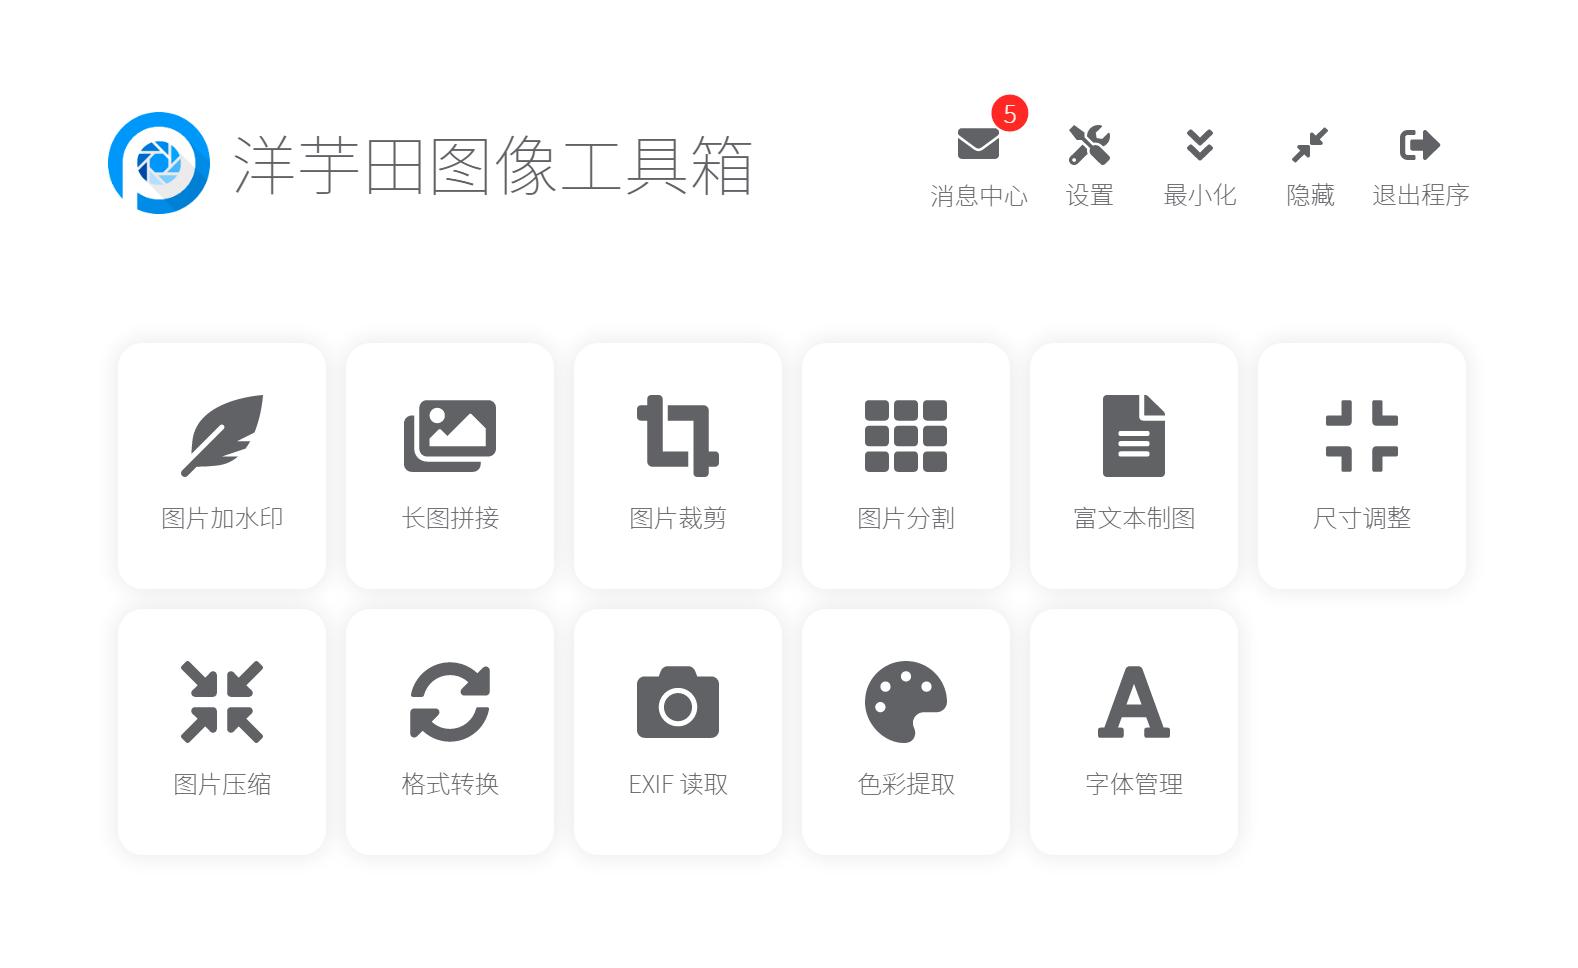 洋芋田创意图片工具箱 v3.1.2 正式版